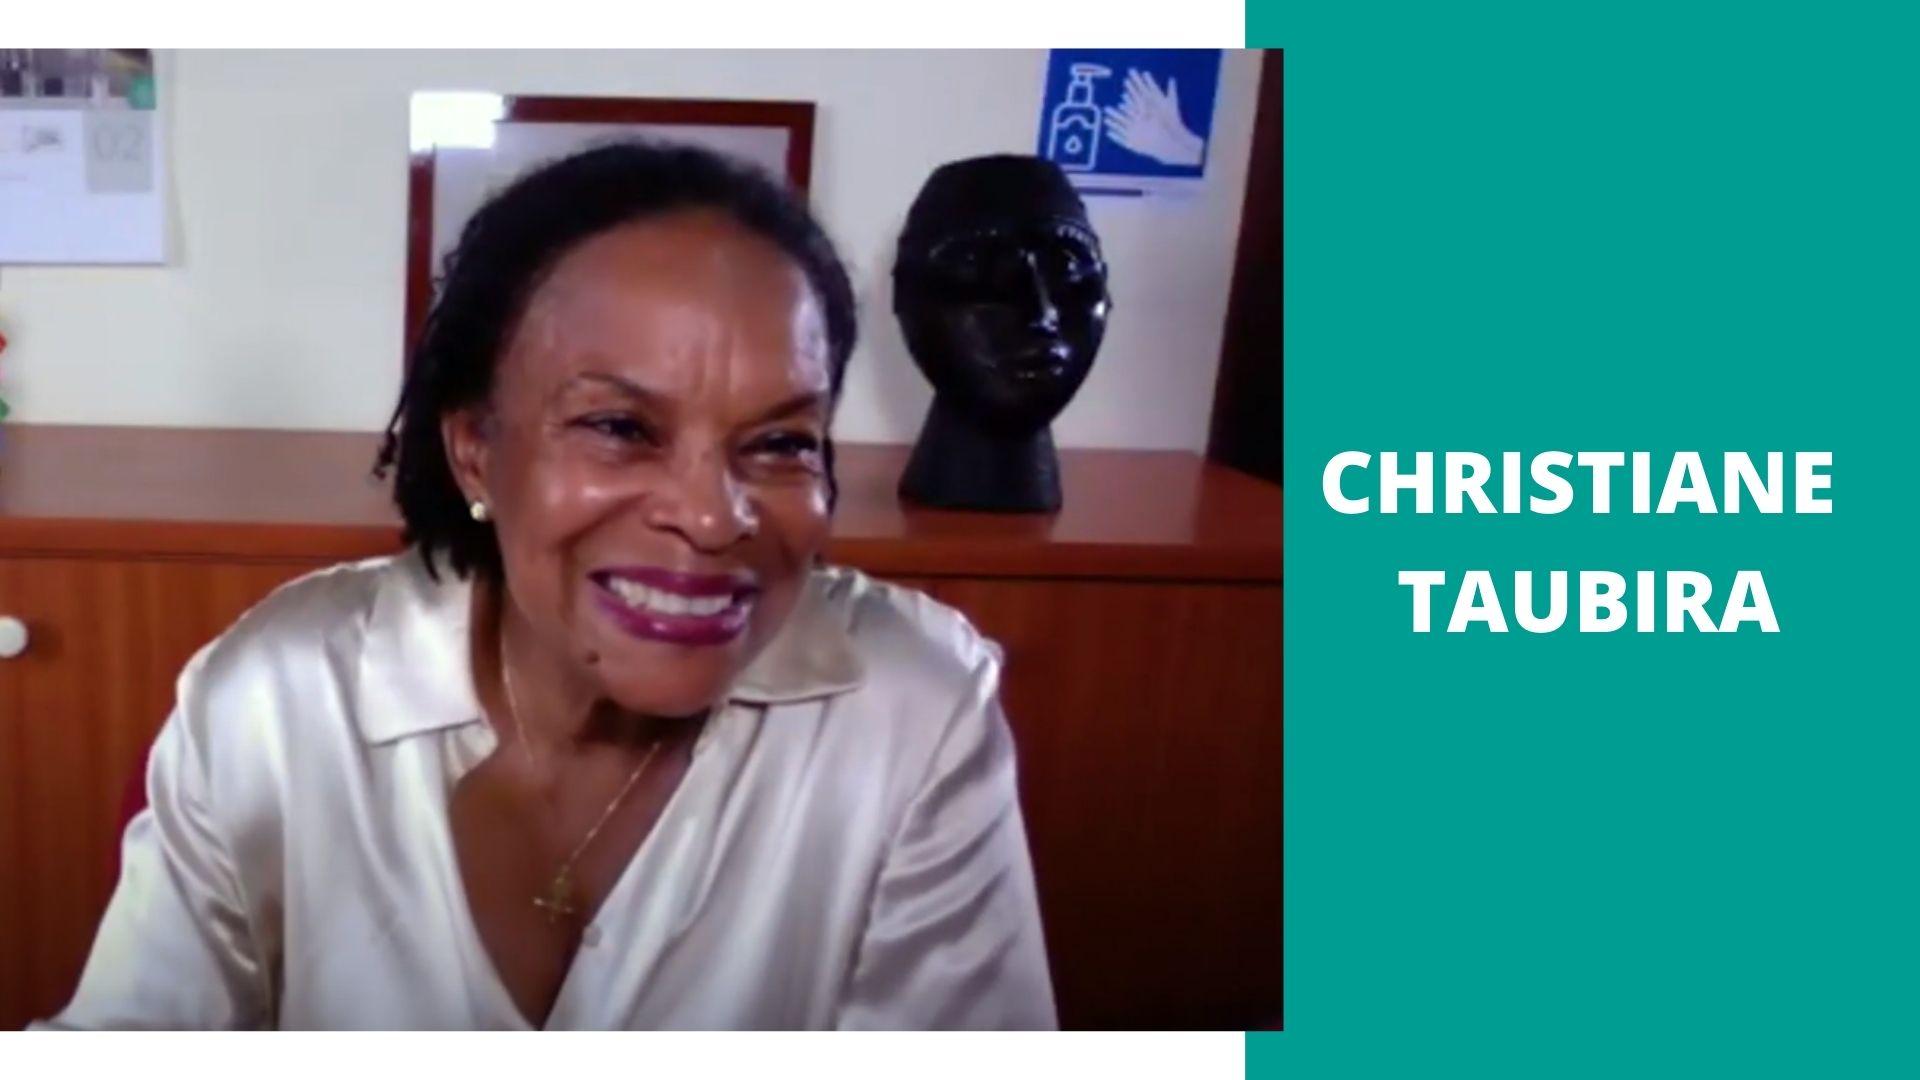 A portrait picture of Christiane Taubira